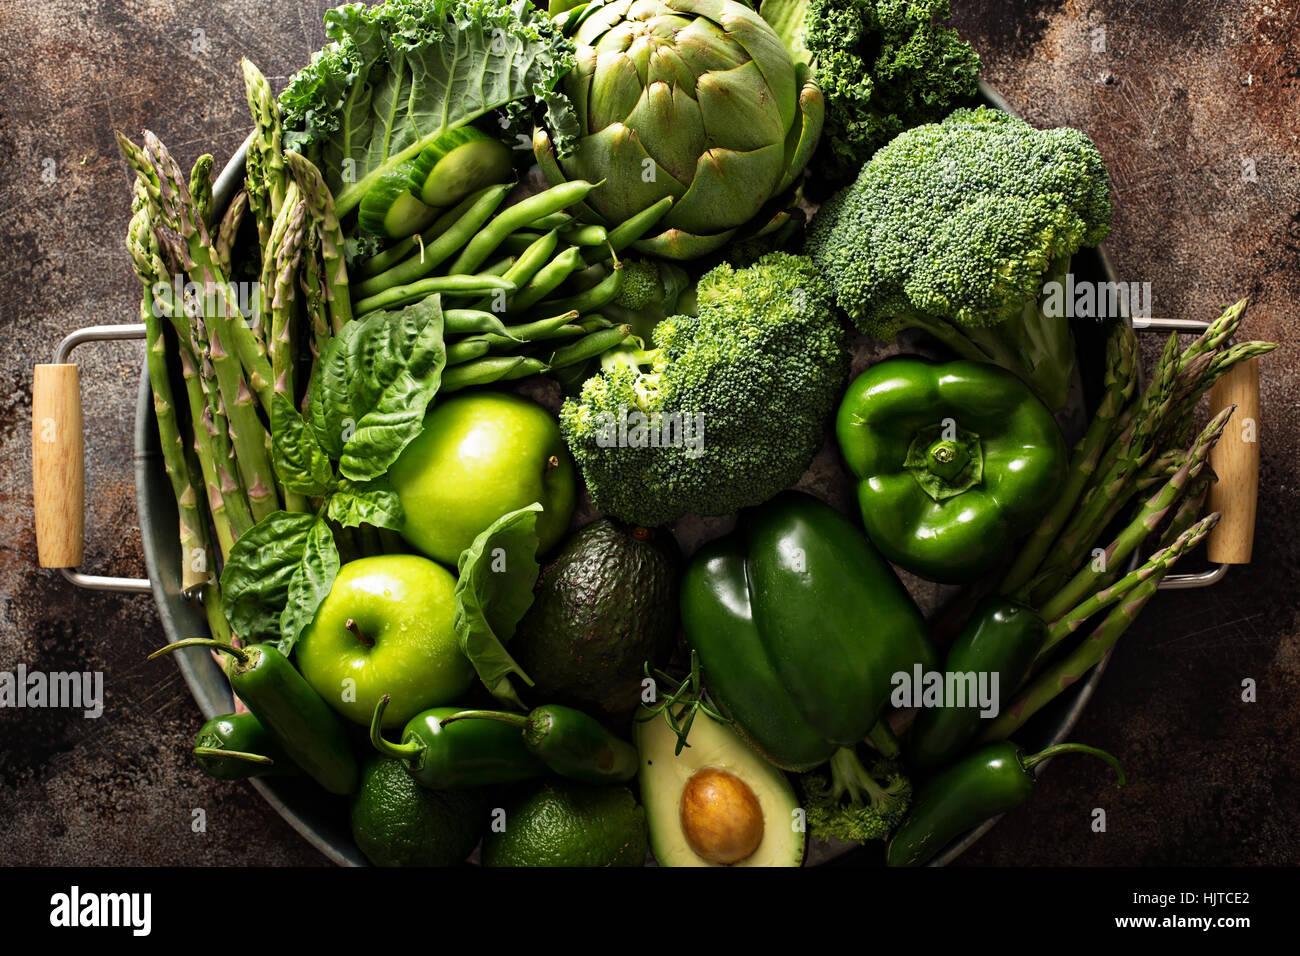 Variedad de verduras y frutas Imagen De Stock